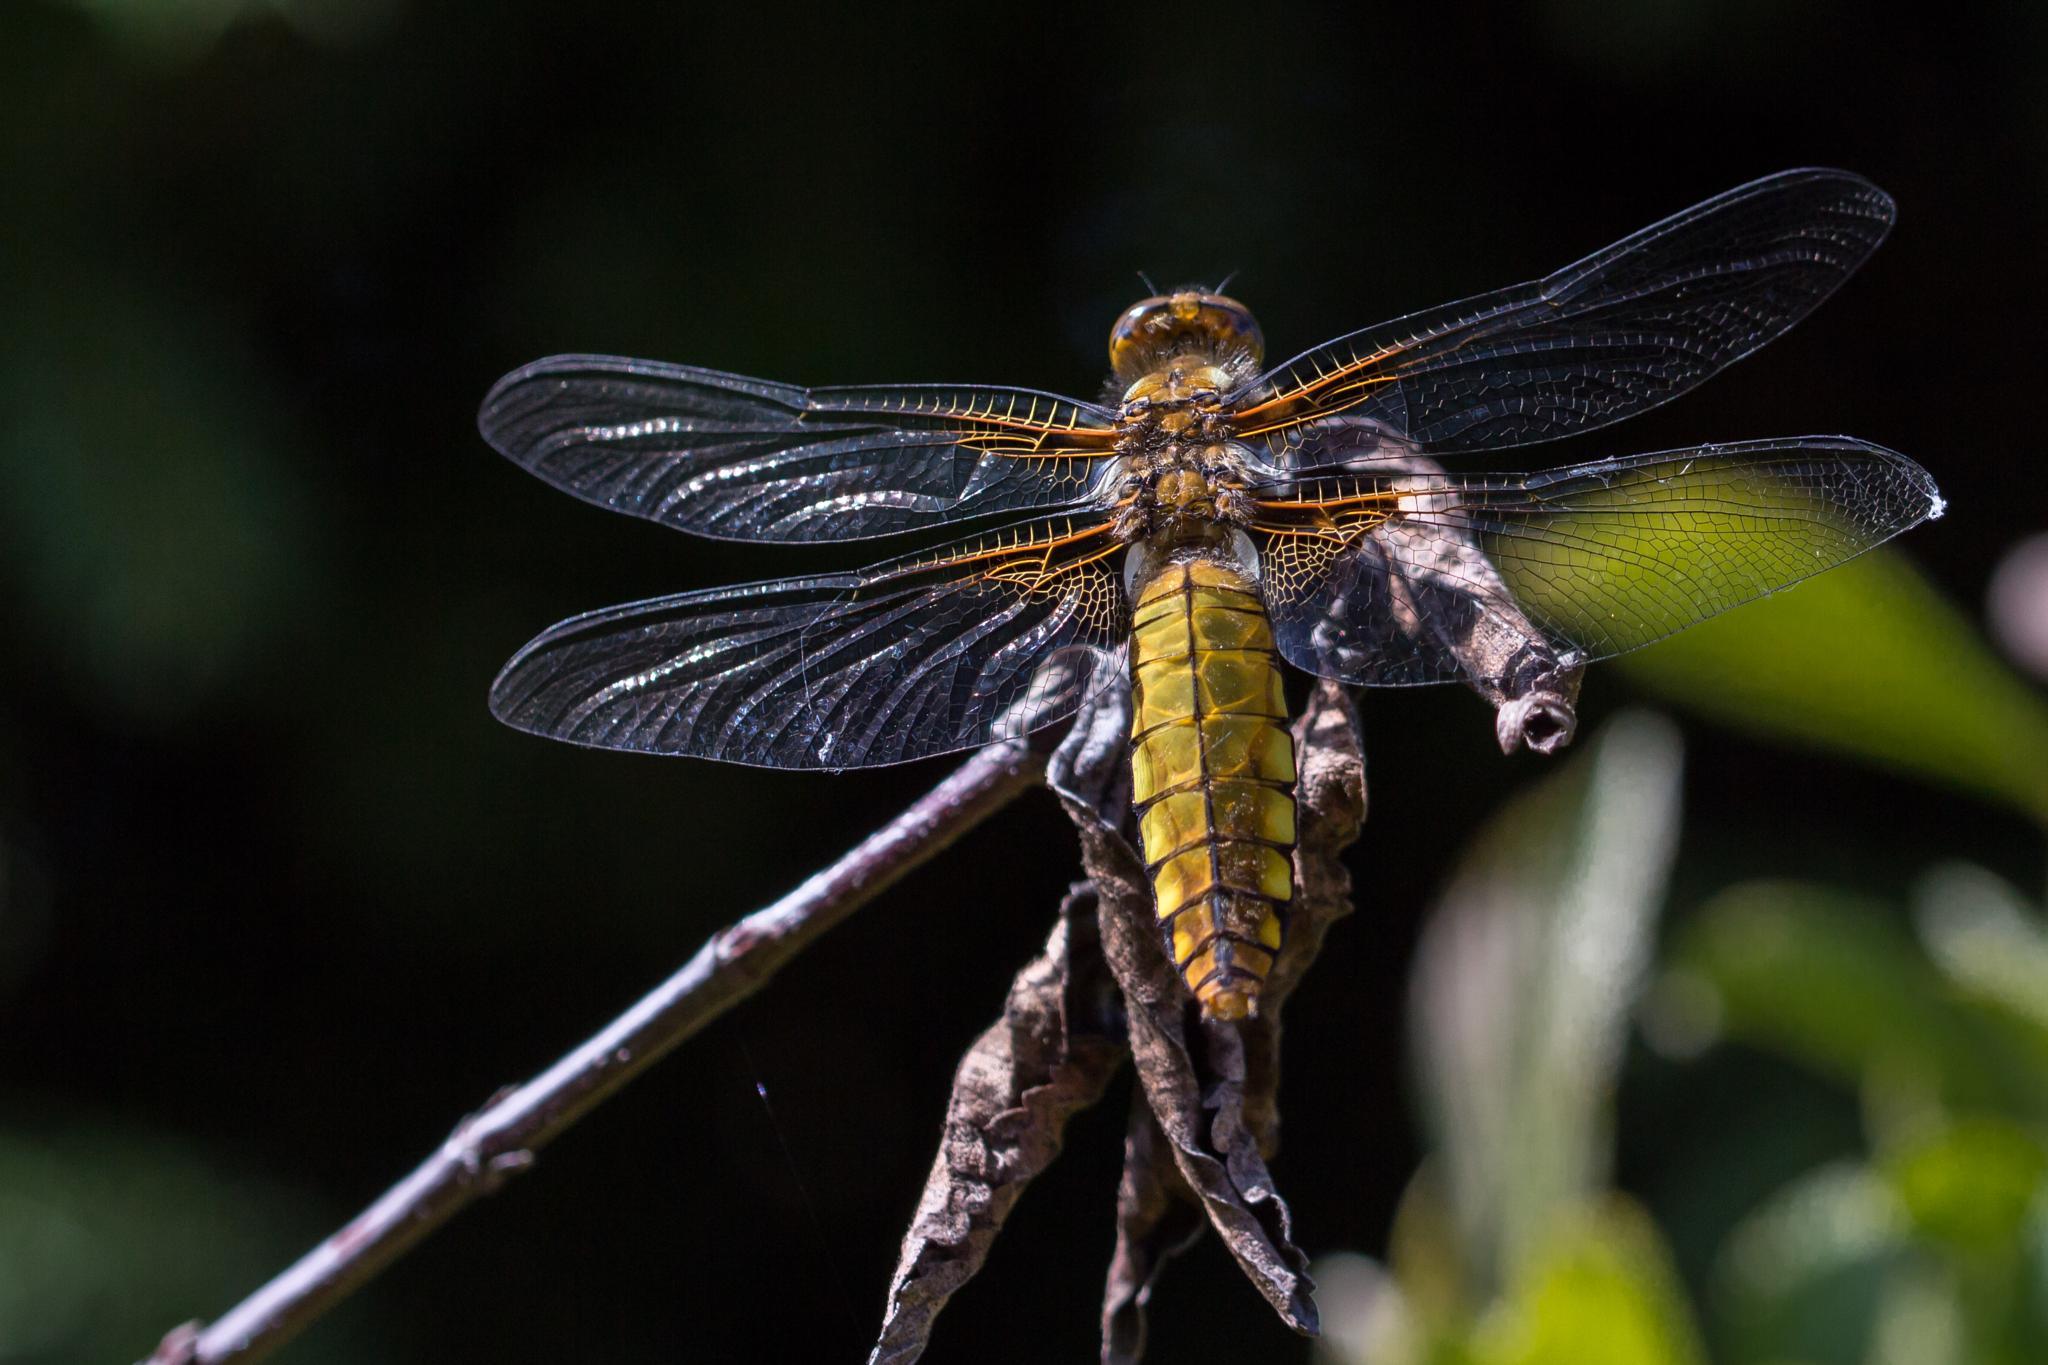 Dragonfly in the garden by valeria.santon